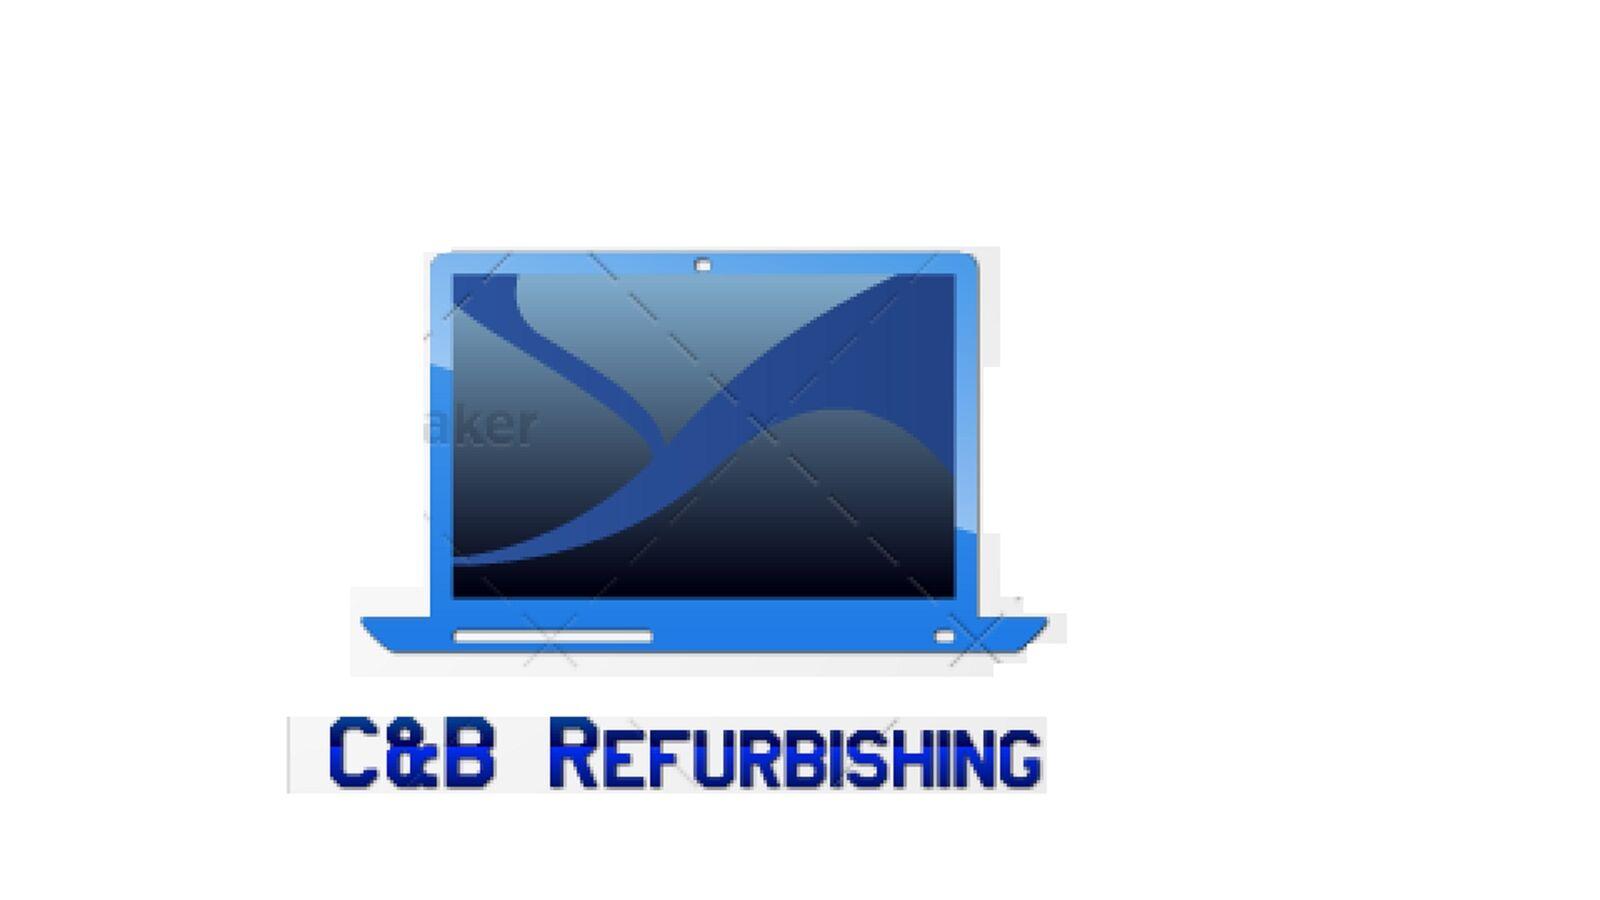 B&C Refurbishing